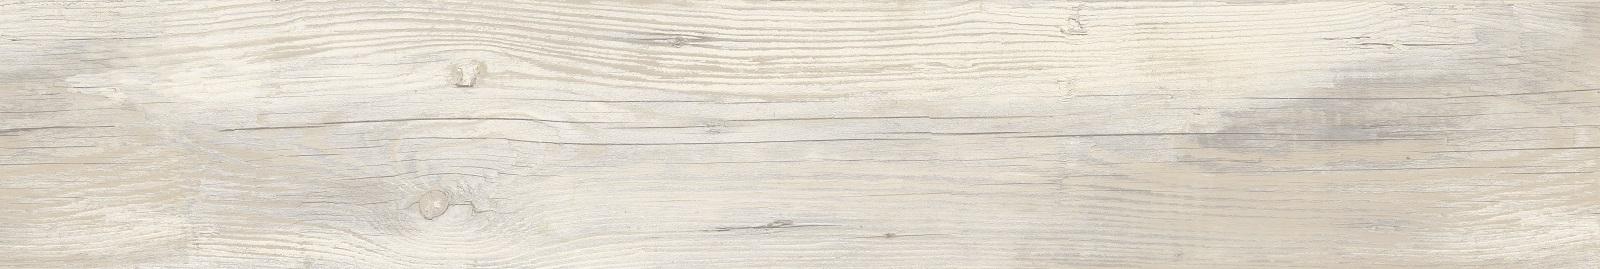 Плитка Legno Bianco (zzxlv1r) изображение 1